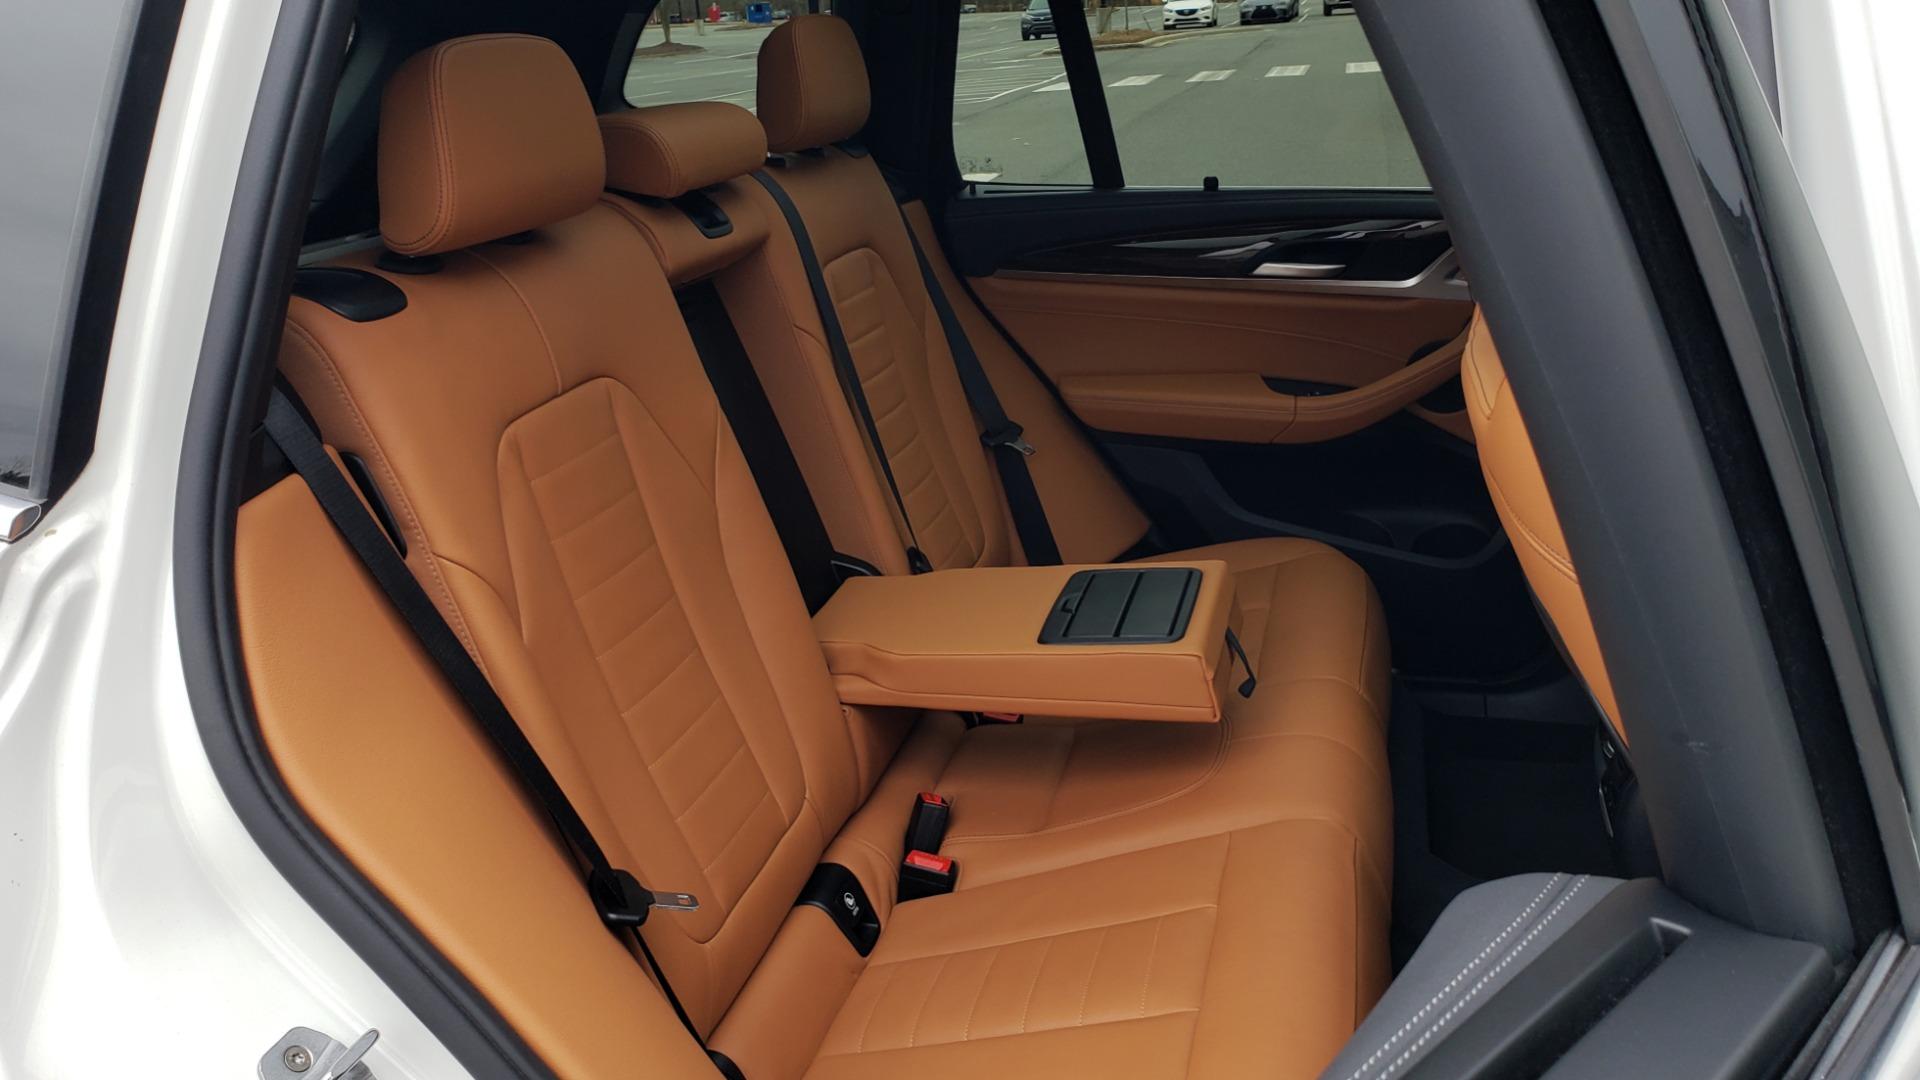 Used 2018 BMW X3 XDRIVE30I / LUX PKG / PREM PKG / CONV PKG / PDC / APPLE CARPLAY for sale Sold at Formula Imports in Charlotte NC 28227 80